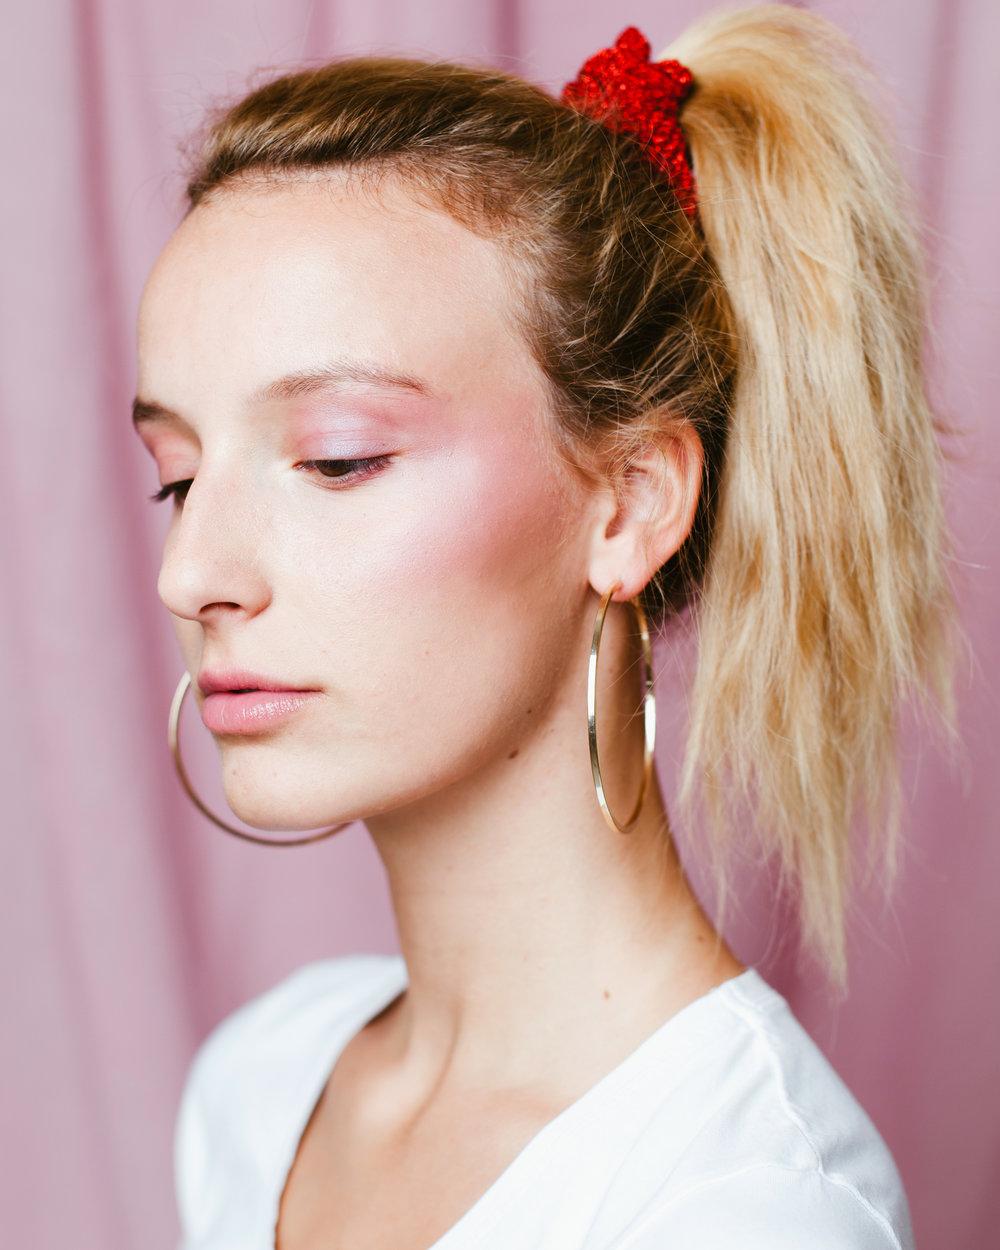 3. Scrunchie lovers - Er is geen makkelijkere manier om de jaren tachtig te omhelzen in je beautylook dan een simpele scrunchie. Deze haarrekker is sinds begin 2018 opnieuw ontzettend hip en gaat voorlopig nergens heen. Zelfs WWD schreef een volledig artikel over het ooit lelijke haarbandje. Wat moet je dus doen na het lezen van dit artikel? Op scrunchie-jacht gaan. Koop je favoriete kleuren, prints, glitters… en laat al je andere haarelastiekjes vanaf nu aan de kant liggen. O, en ze zijn niet alleen hip, je haar zal ook minder snel breken dan met zo'n strak rekkertje. Ideaal dus!